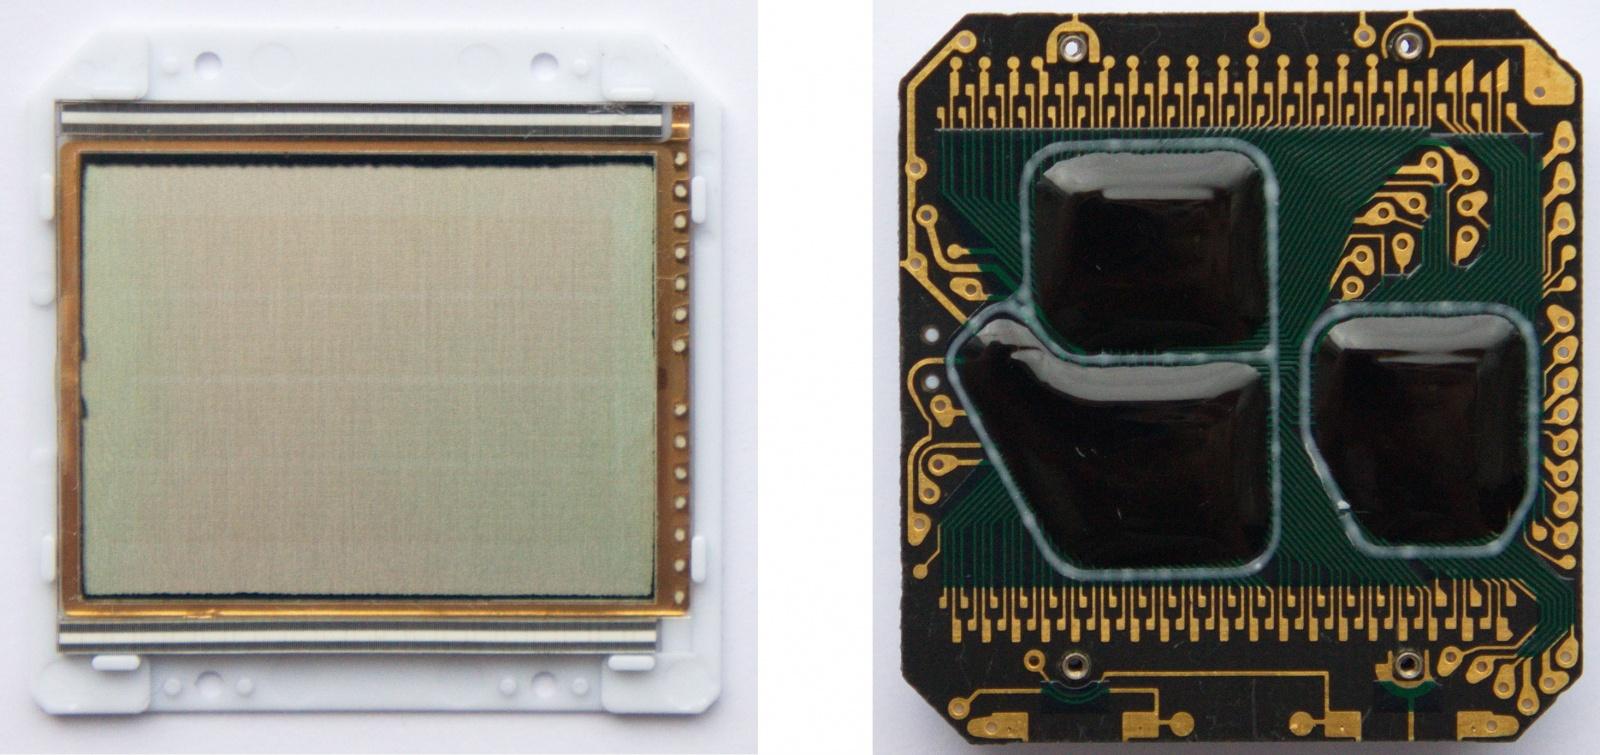 Реверс-инжиниринг первых умных часов Seiko UC-2000 - 5